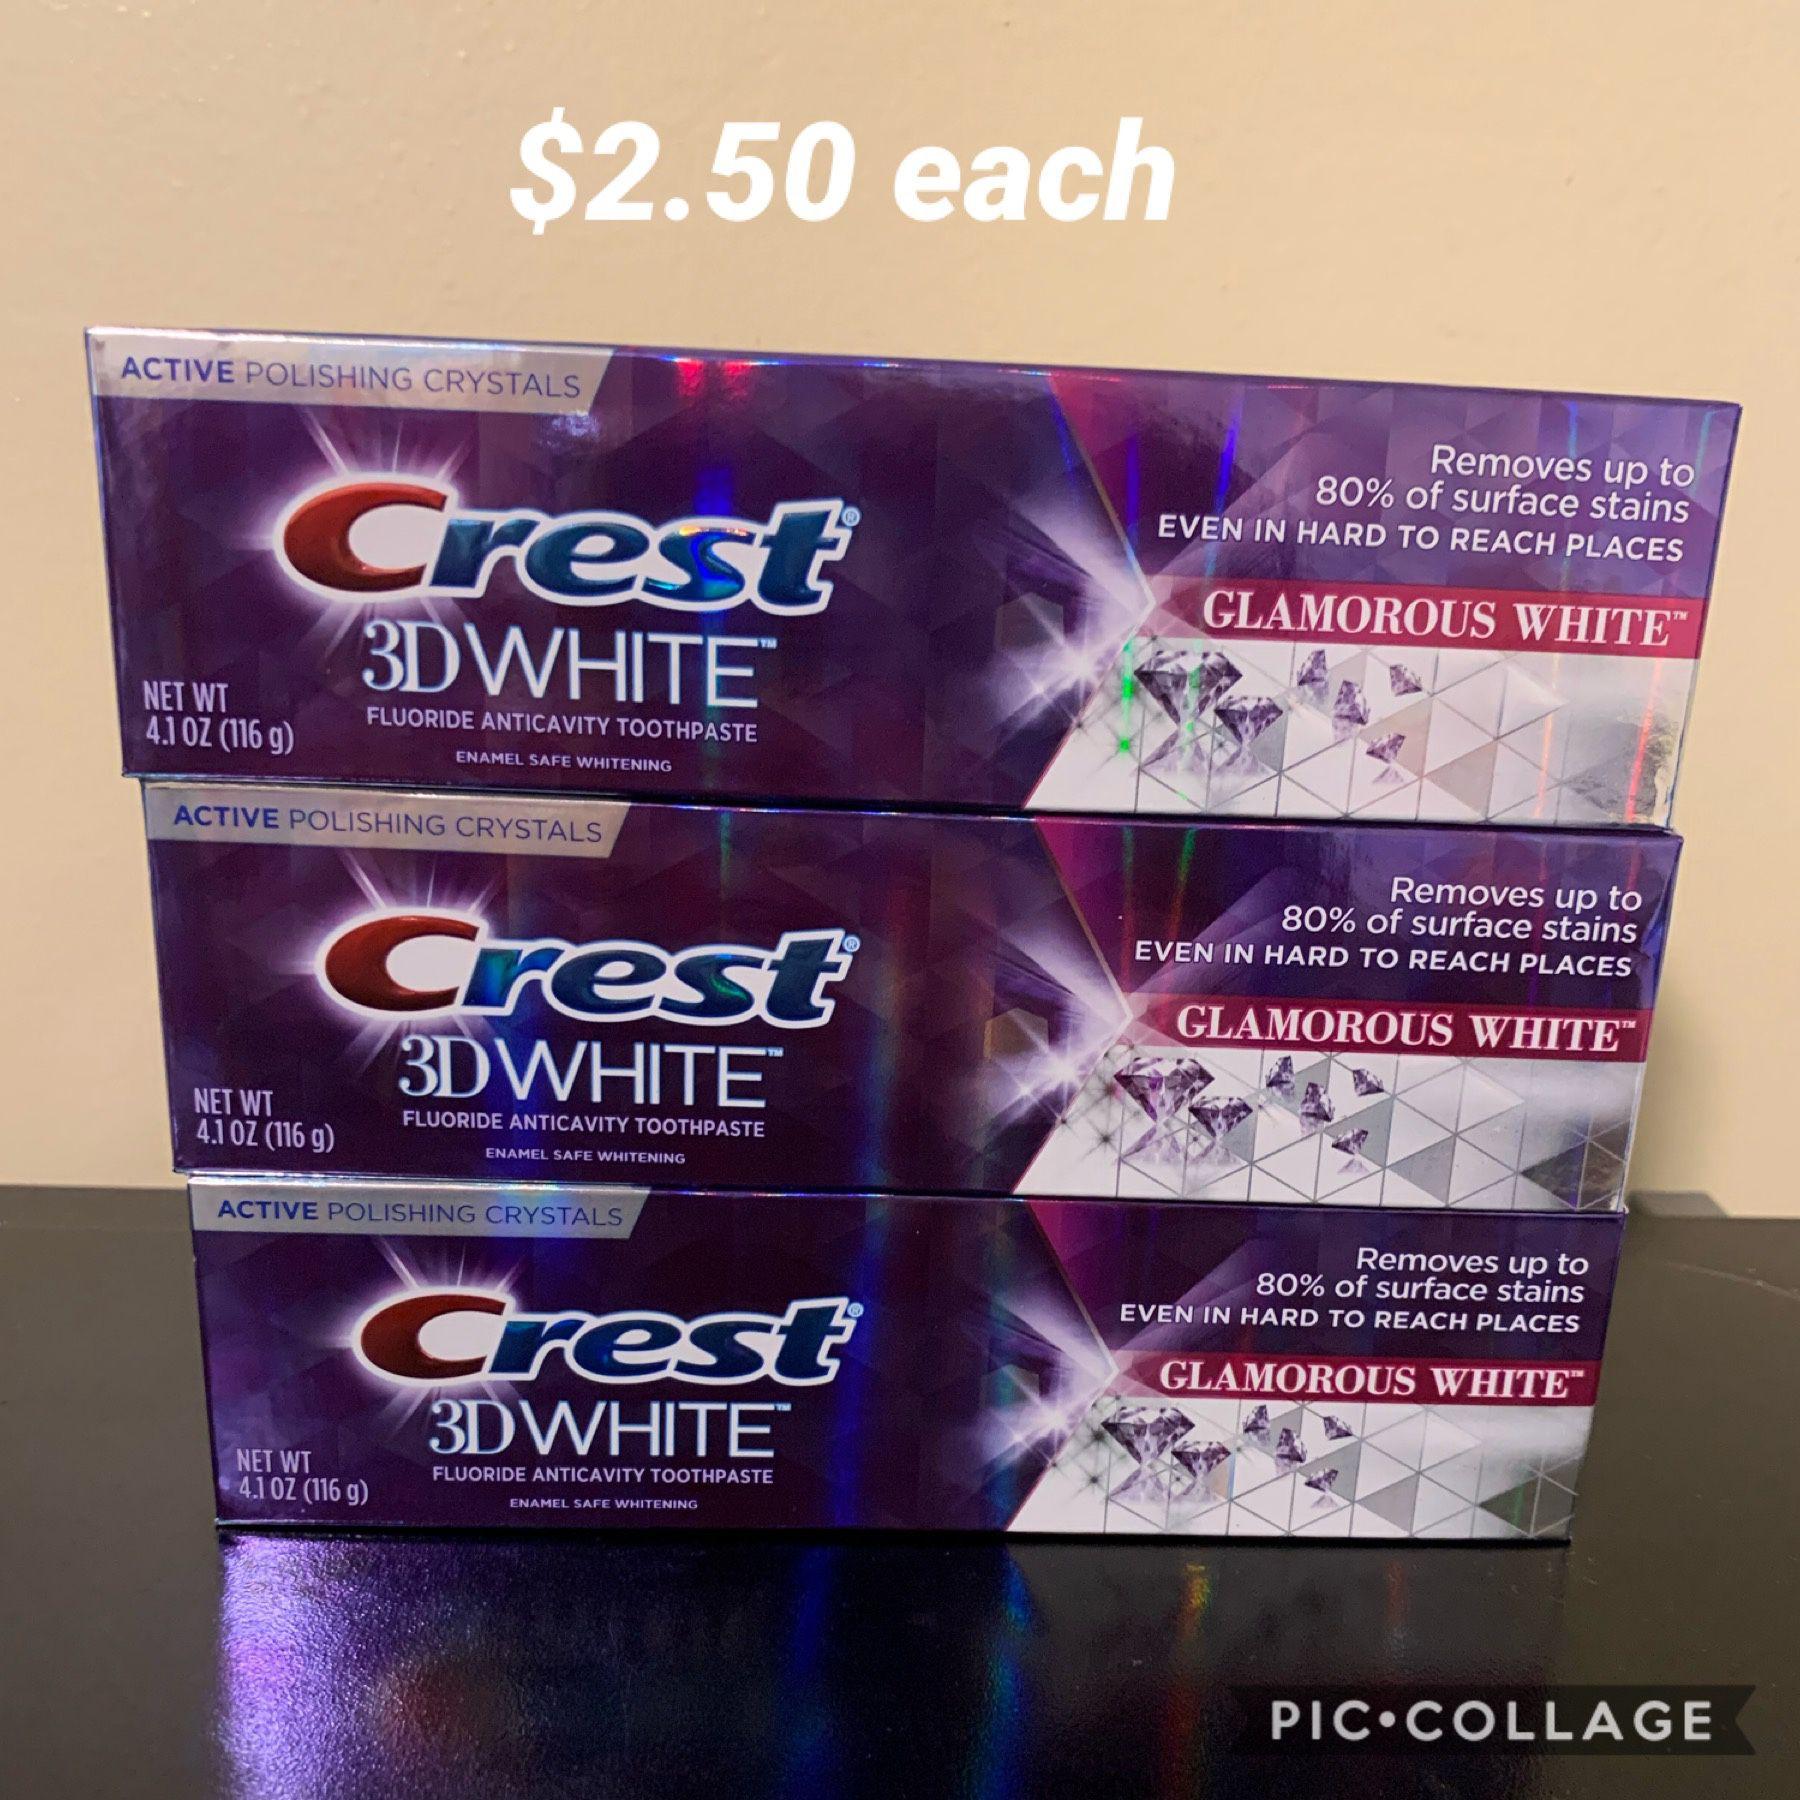 Crest 3D White Glamours White